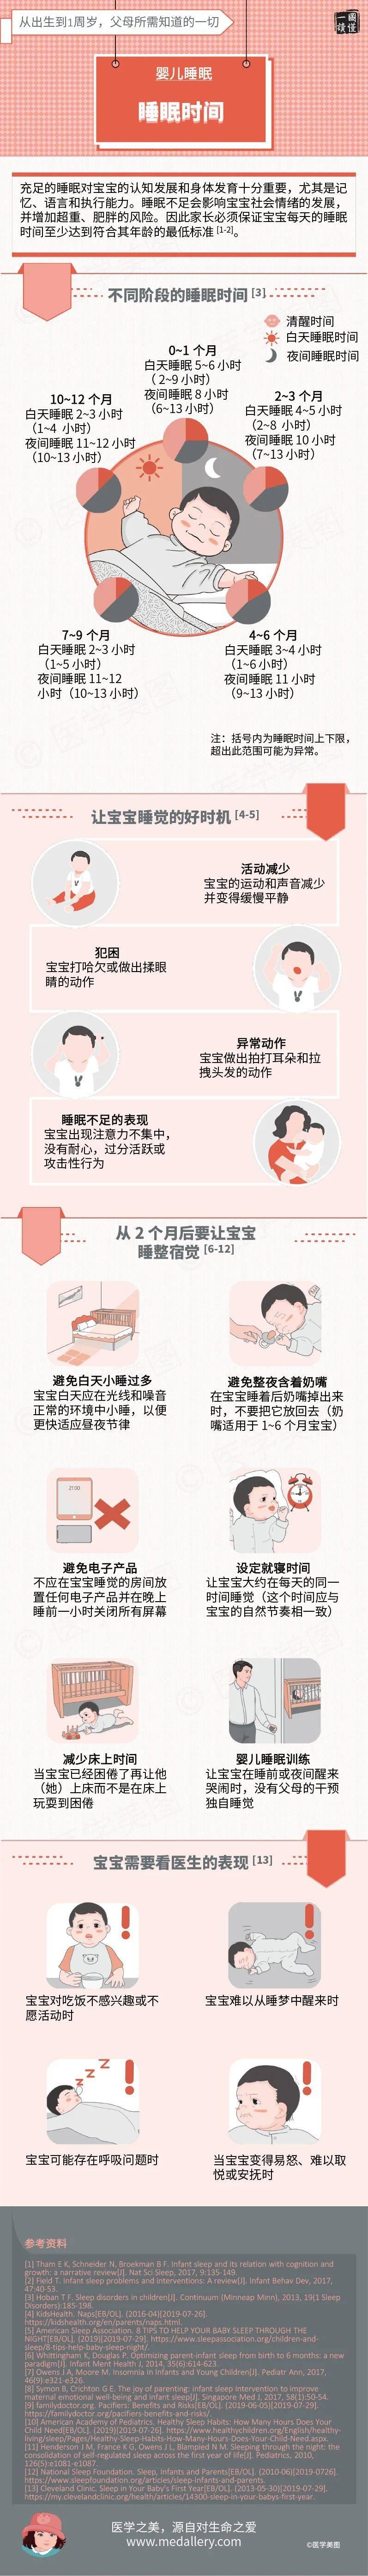 一图读懂丨婴儿睡多久才够?